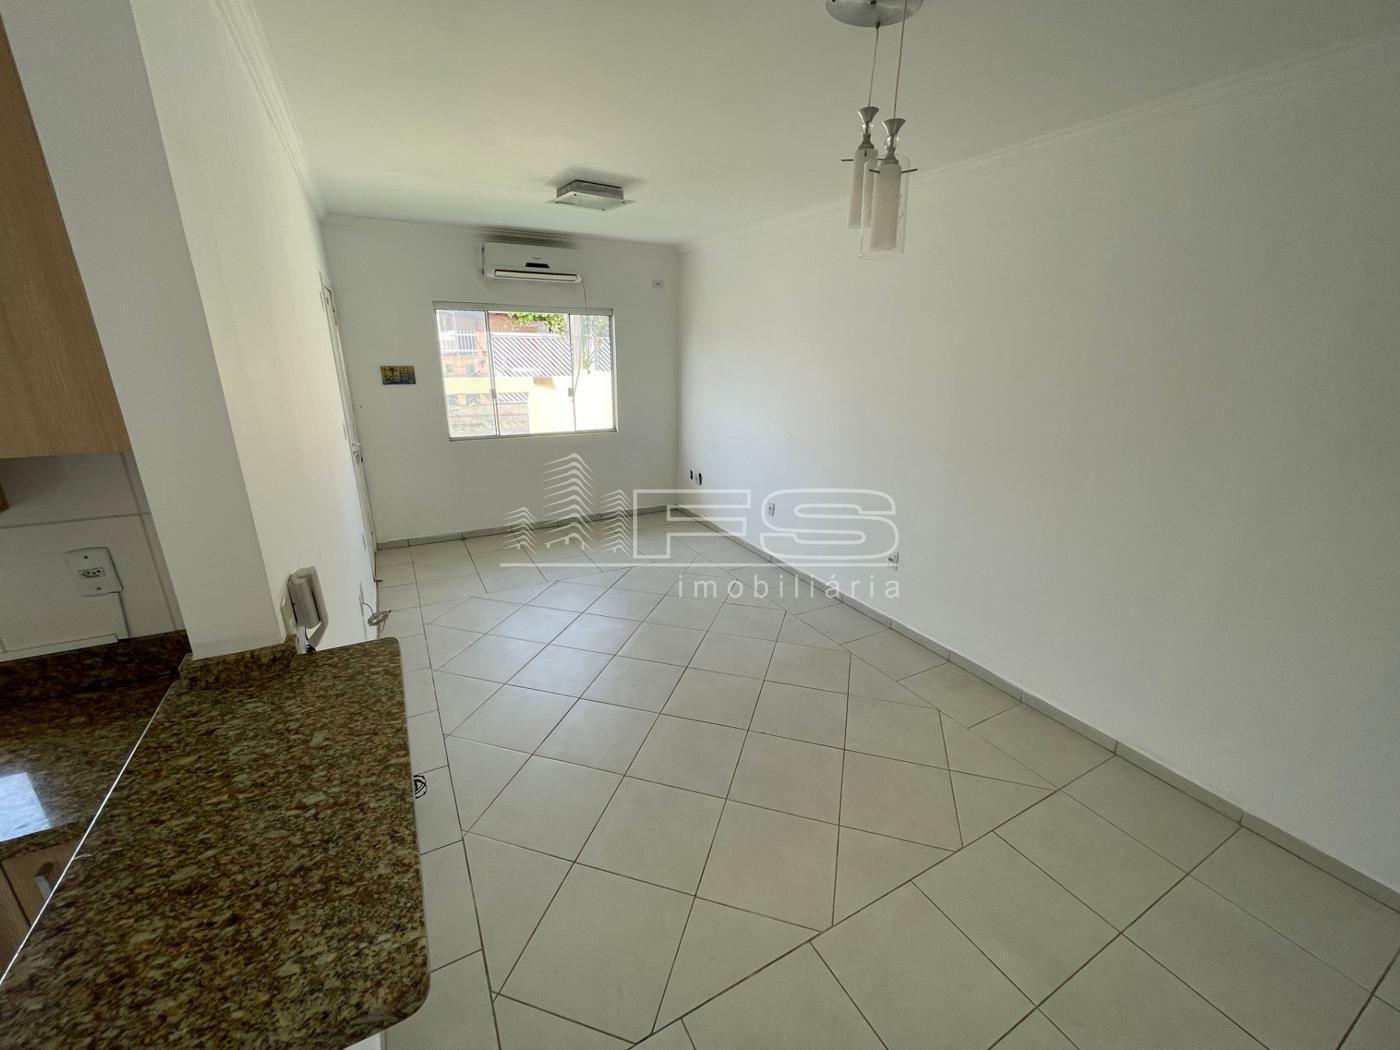 Casa com 3 Dormitórios à venda, 144 m² por R$ 590.000,00